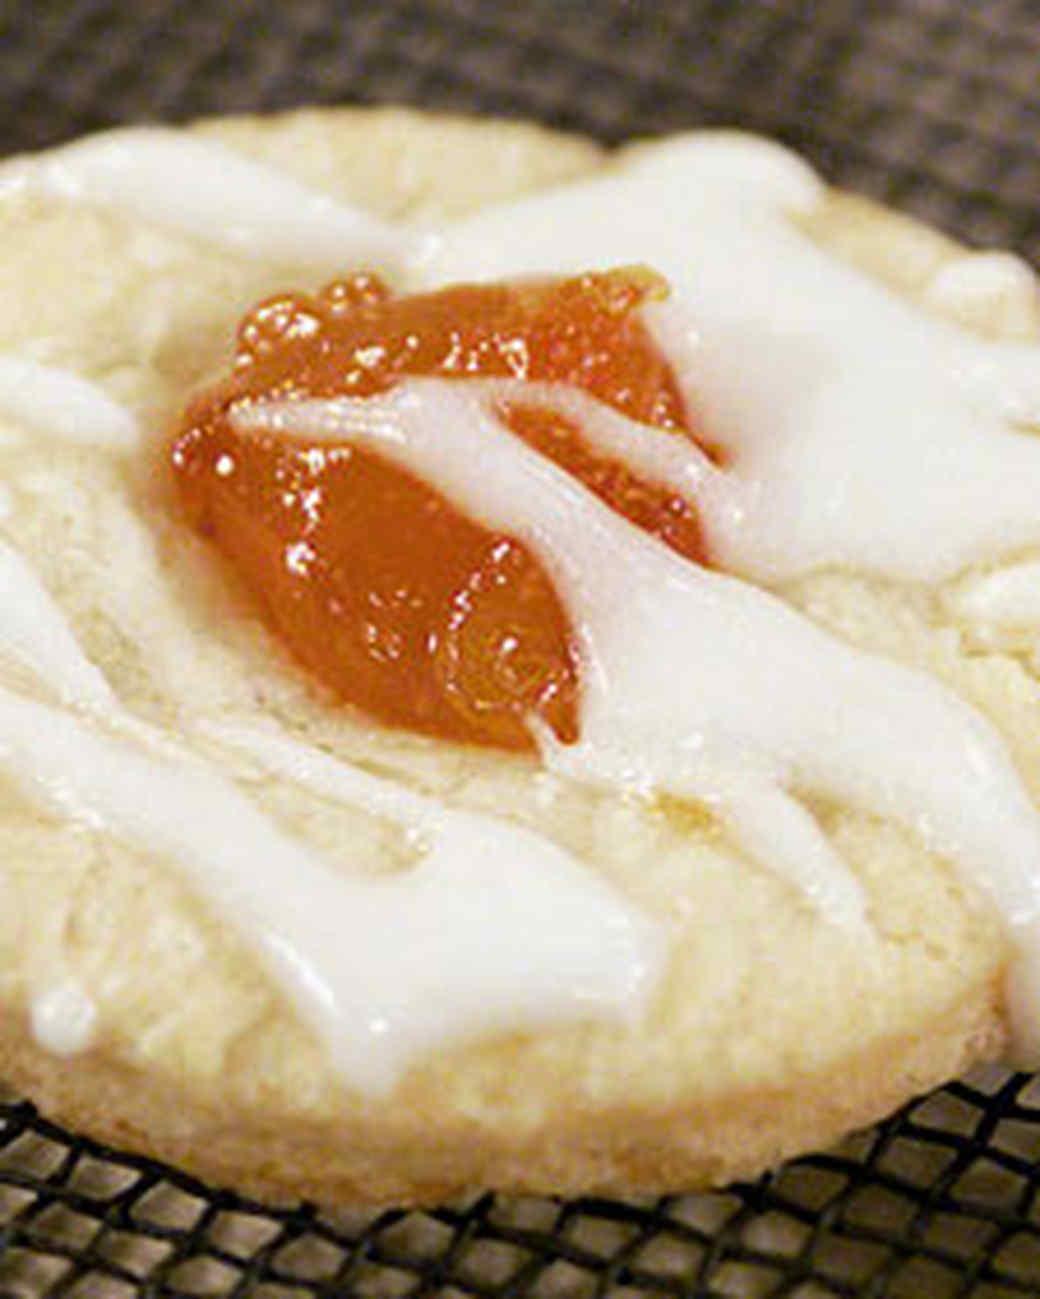 Kolachke (Glazed Polish Pastry)